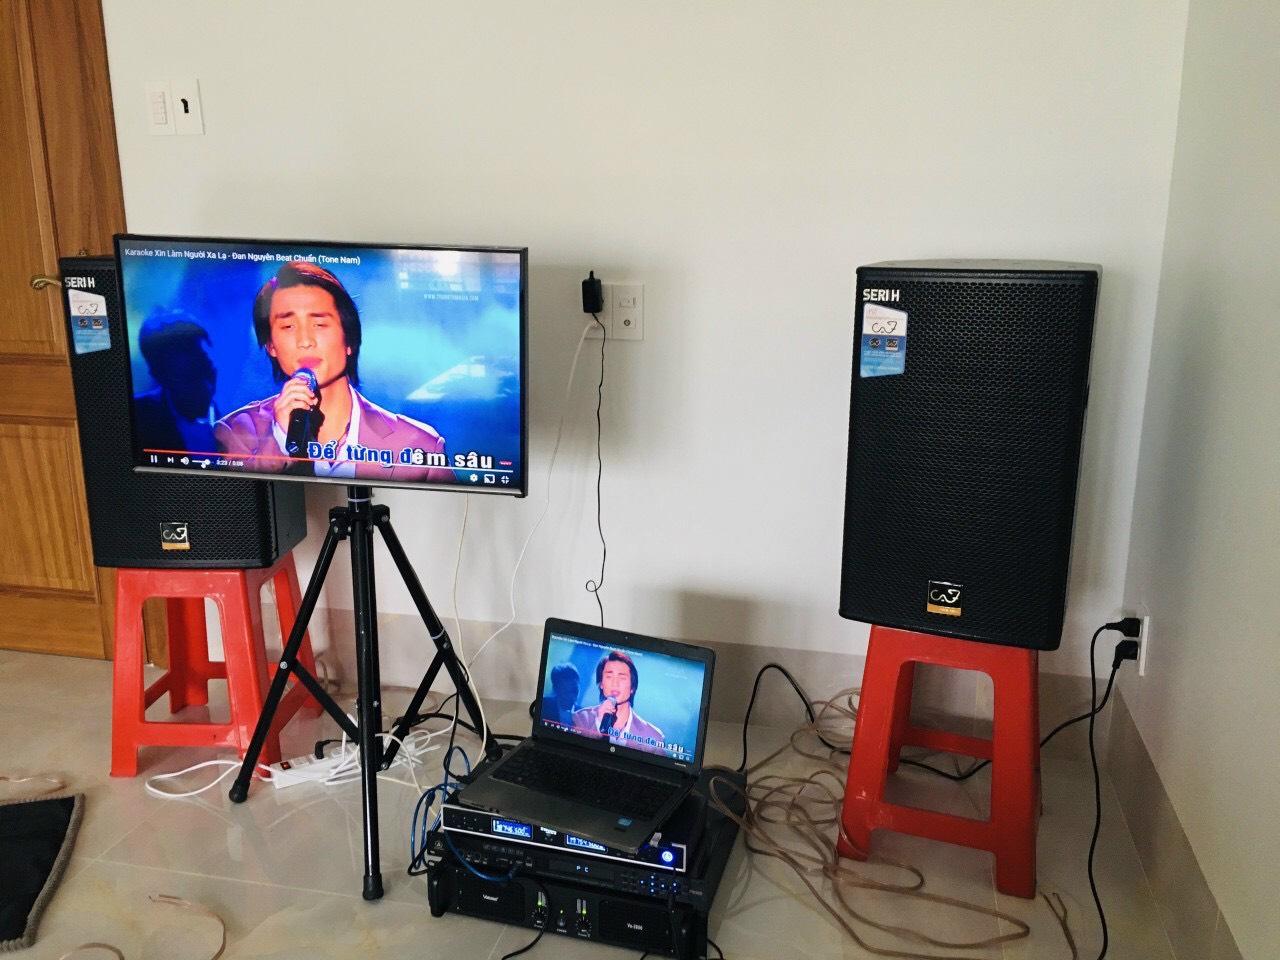 Lắp đặt bộ dàn karaoke gia đình giá rẻ 1